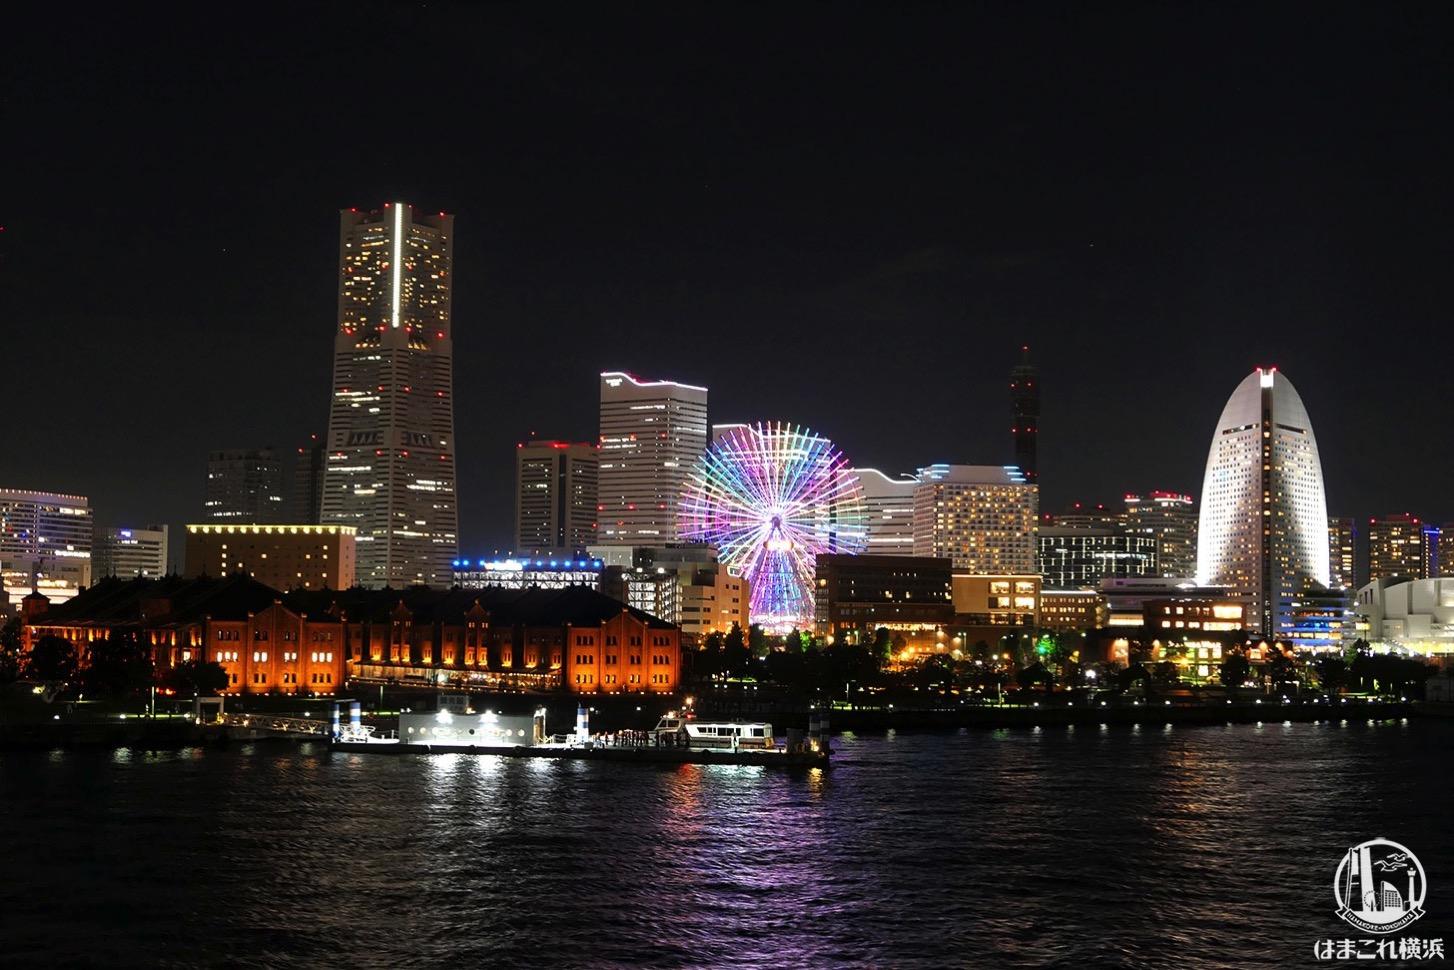 横浜港大さん橋国際客船ターミナル 屋上から見たみなとみらいの夜景